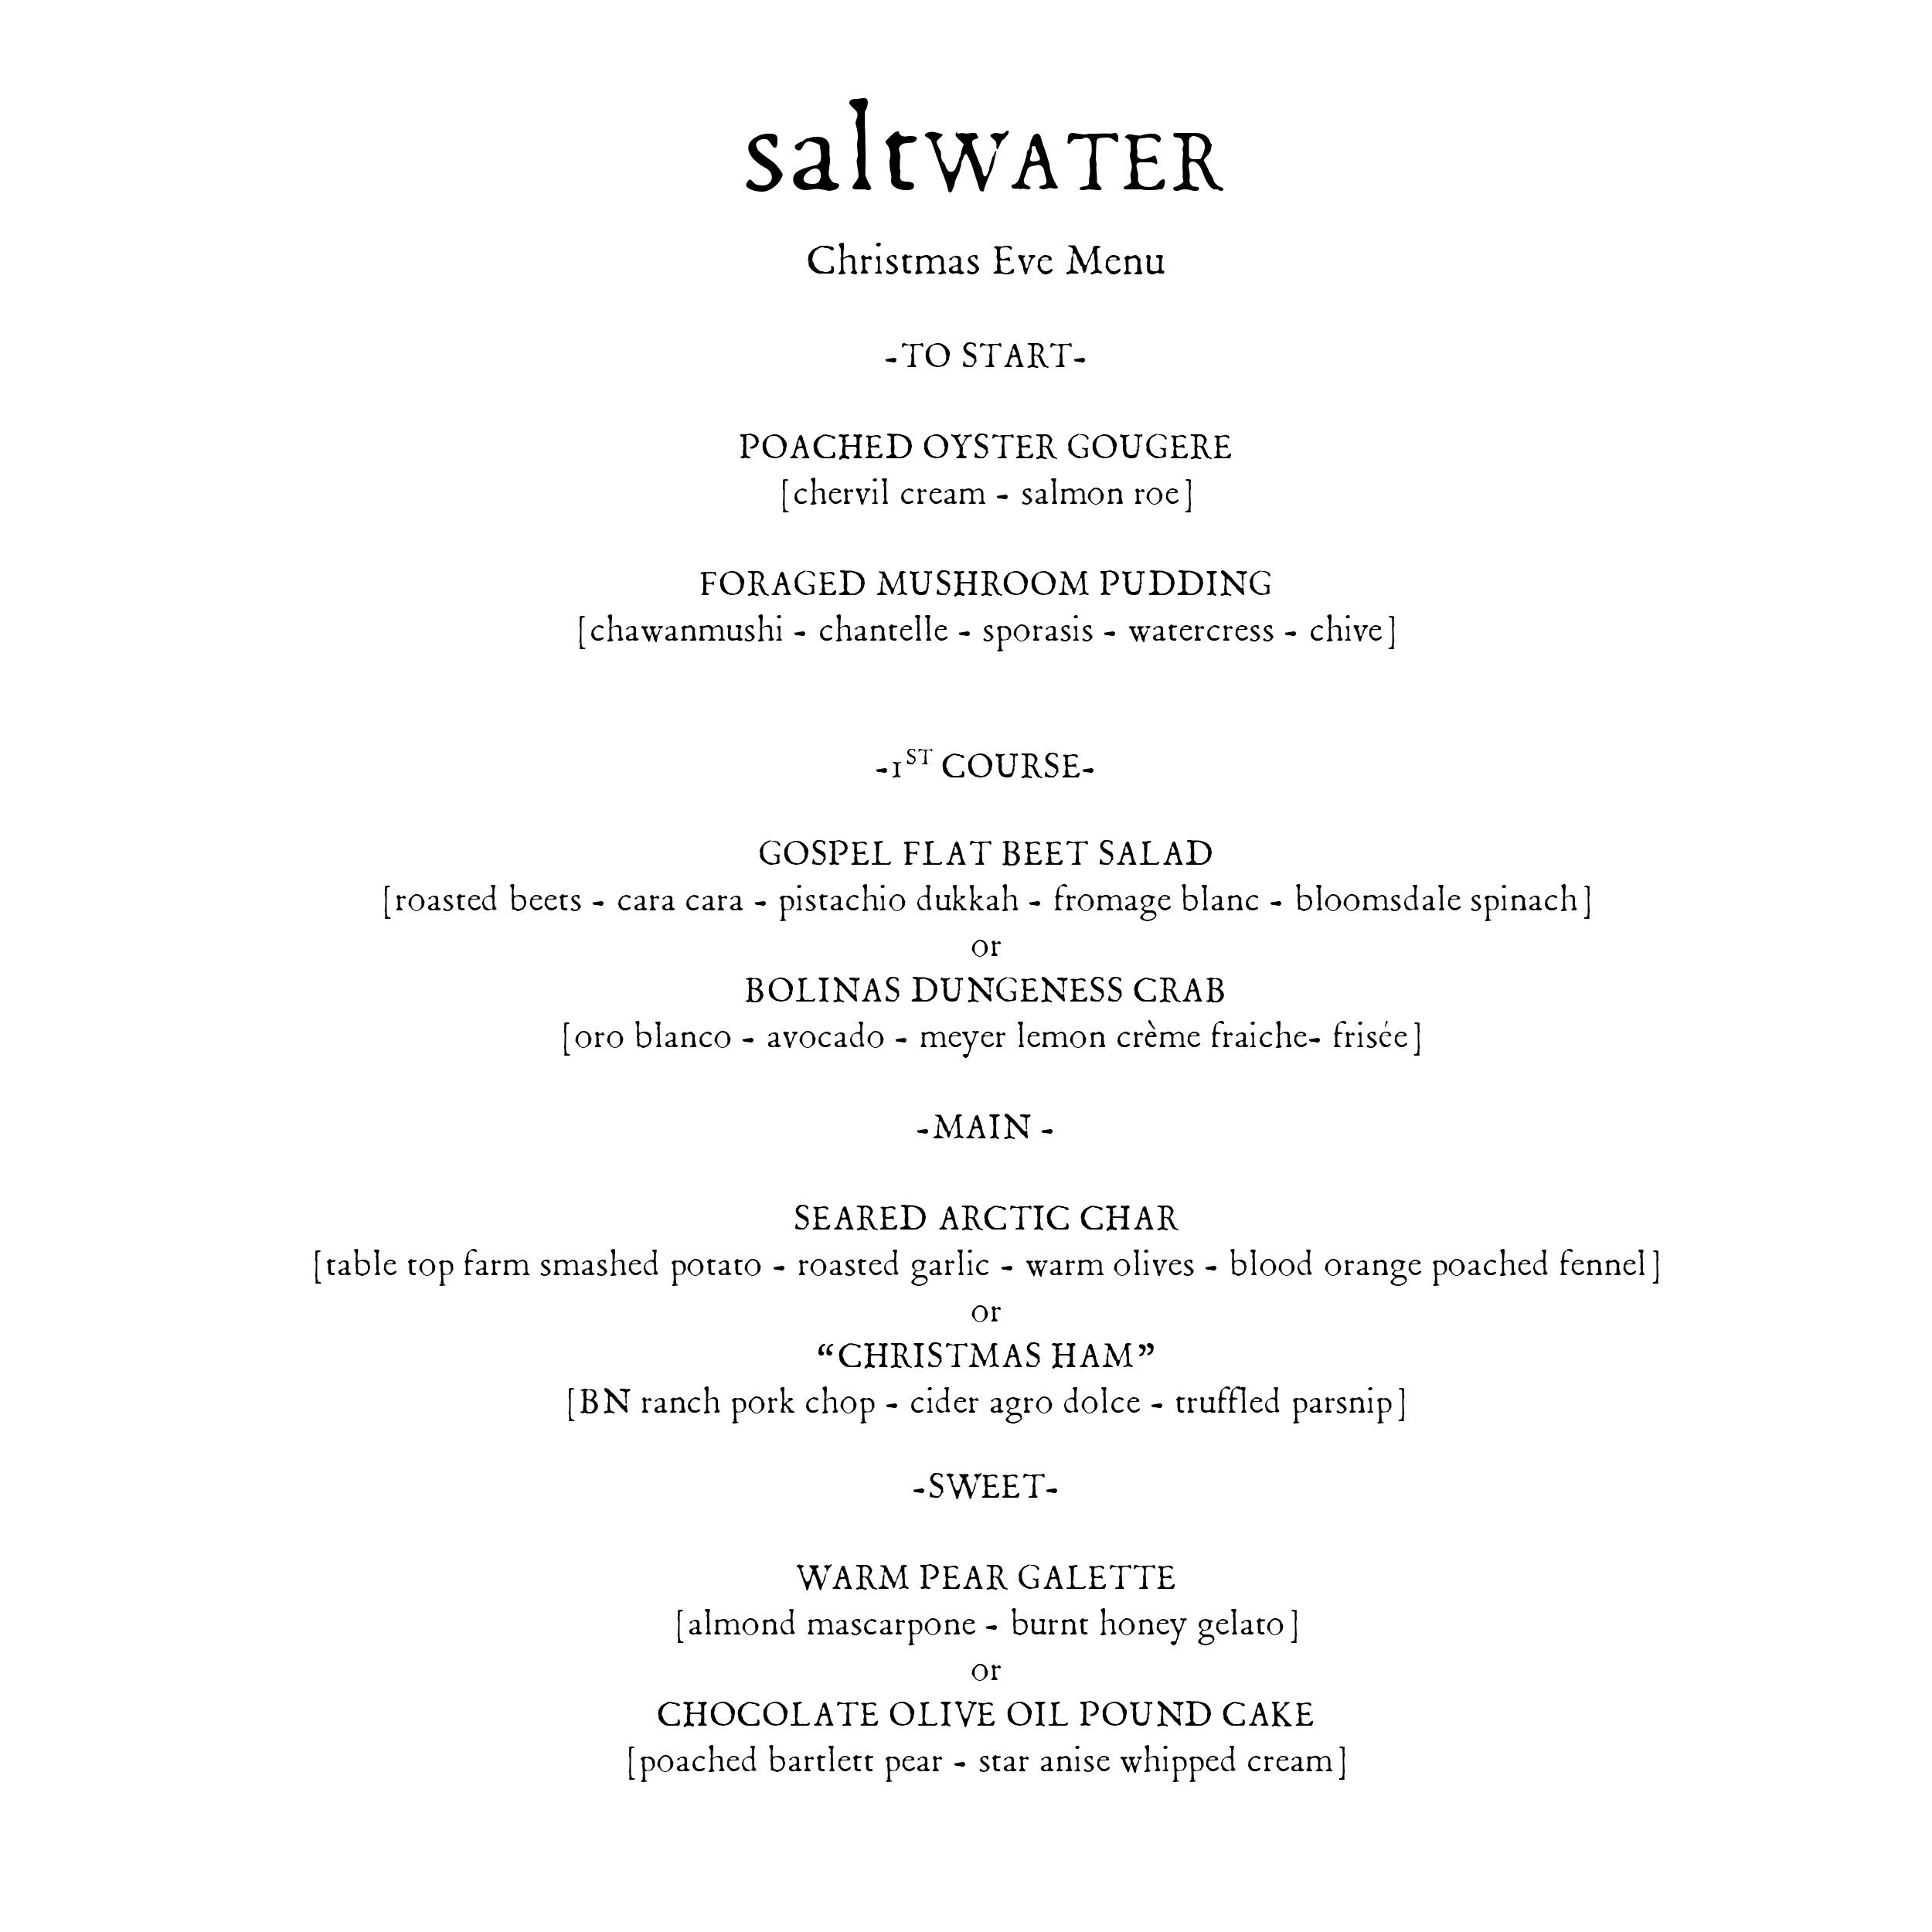 saltWATER-christmas-menu-2018.jpg